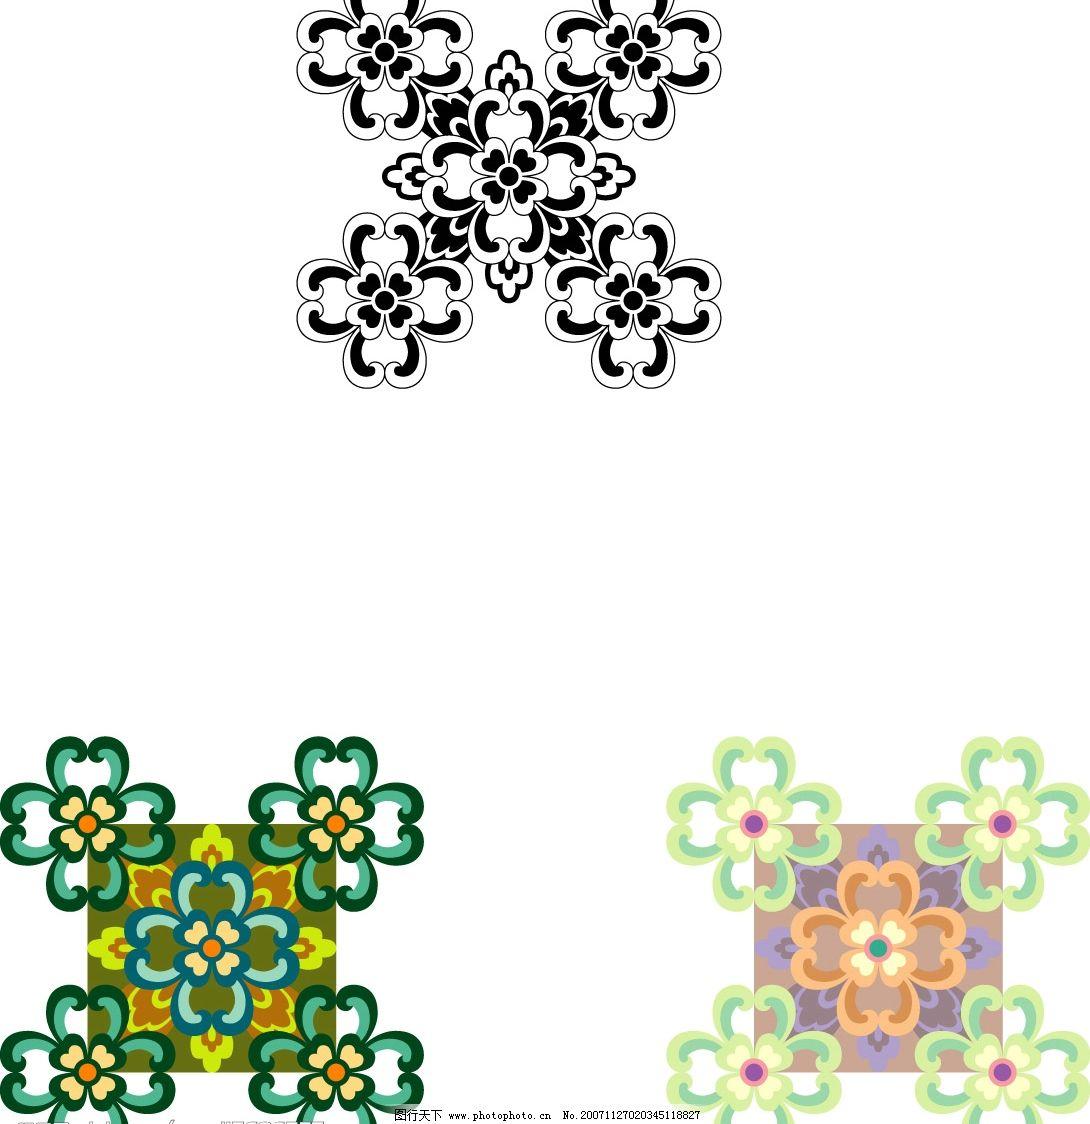 中国式花纹素材 矢量花朵 装饰花纹 矢量植物 底纹边框 花纹花边